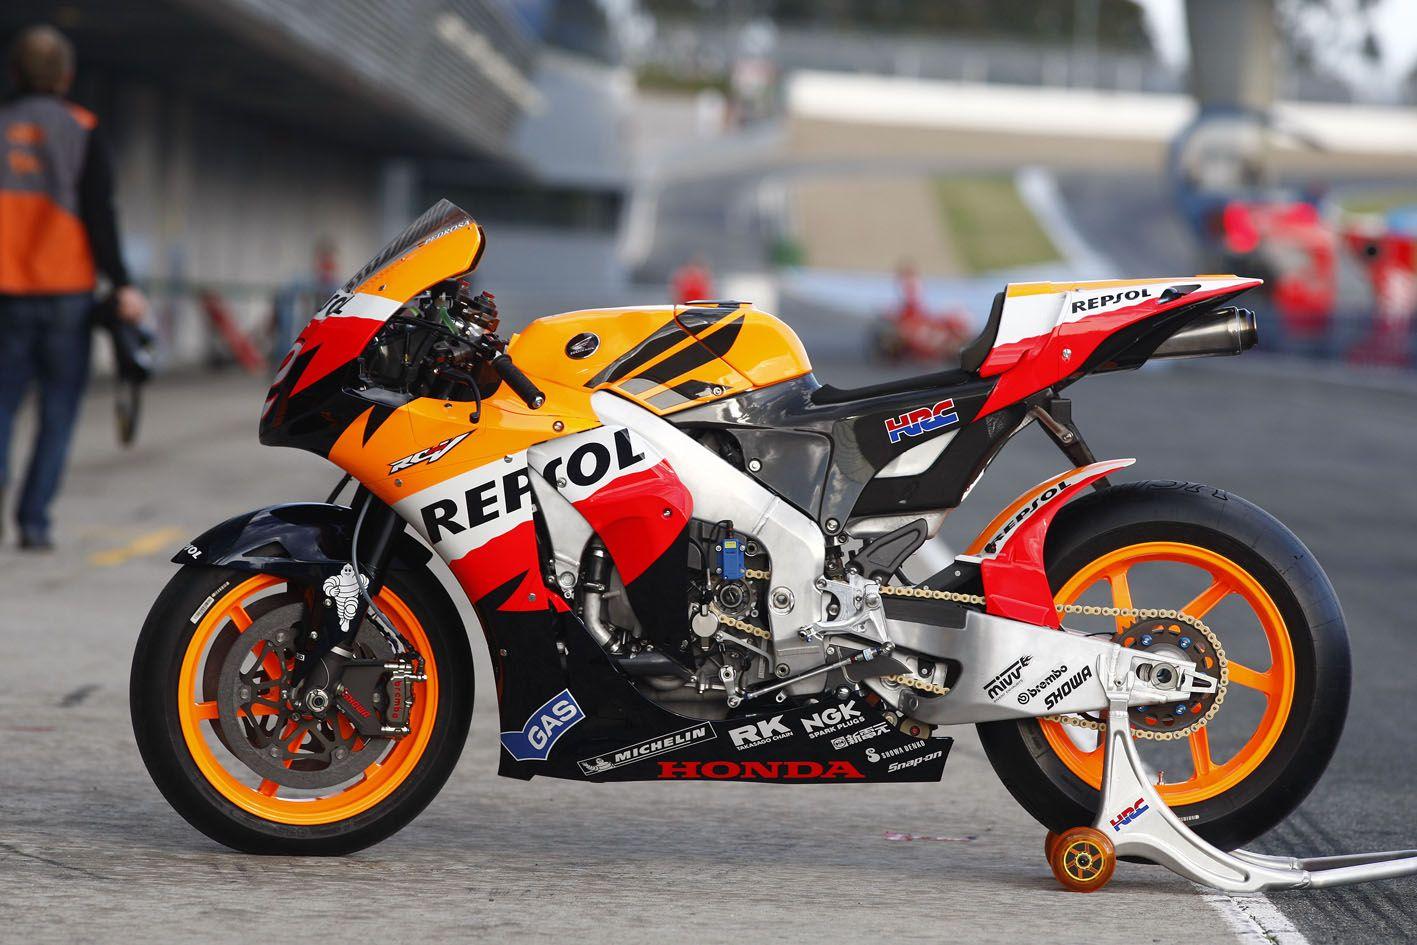 Las motos 110 chinas |...